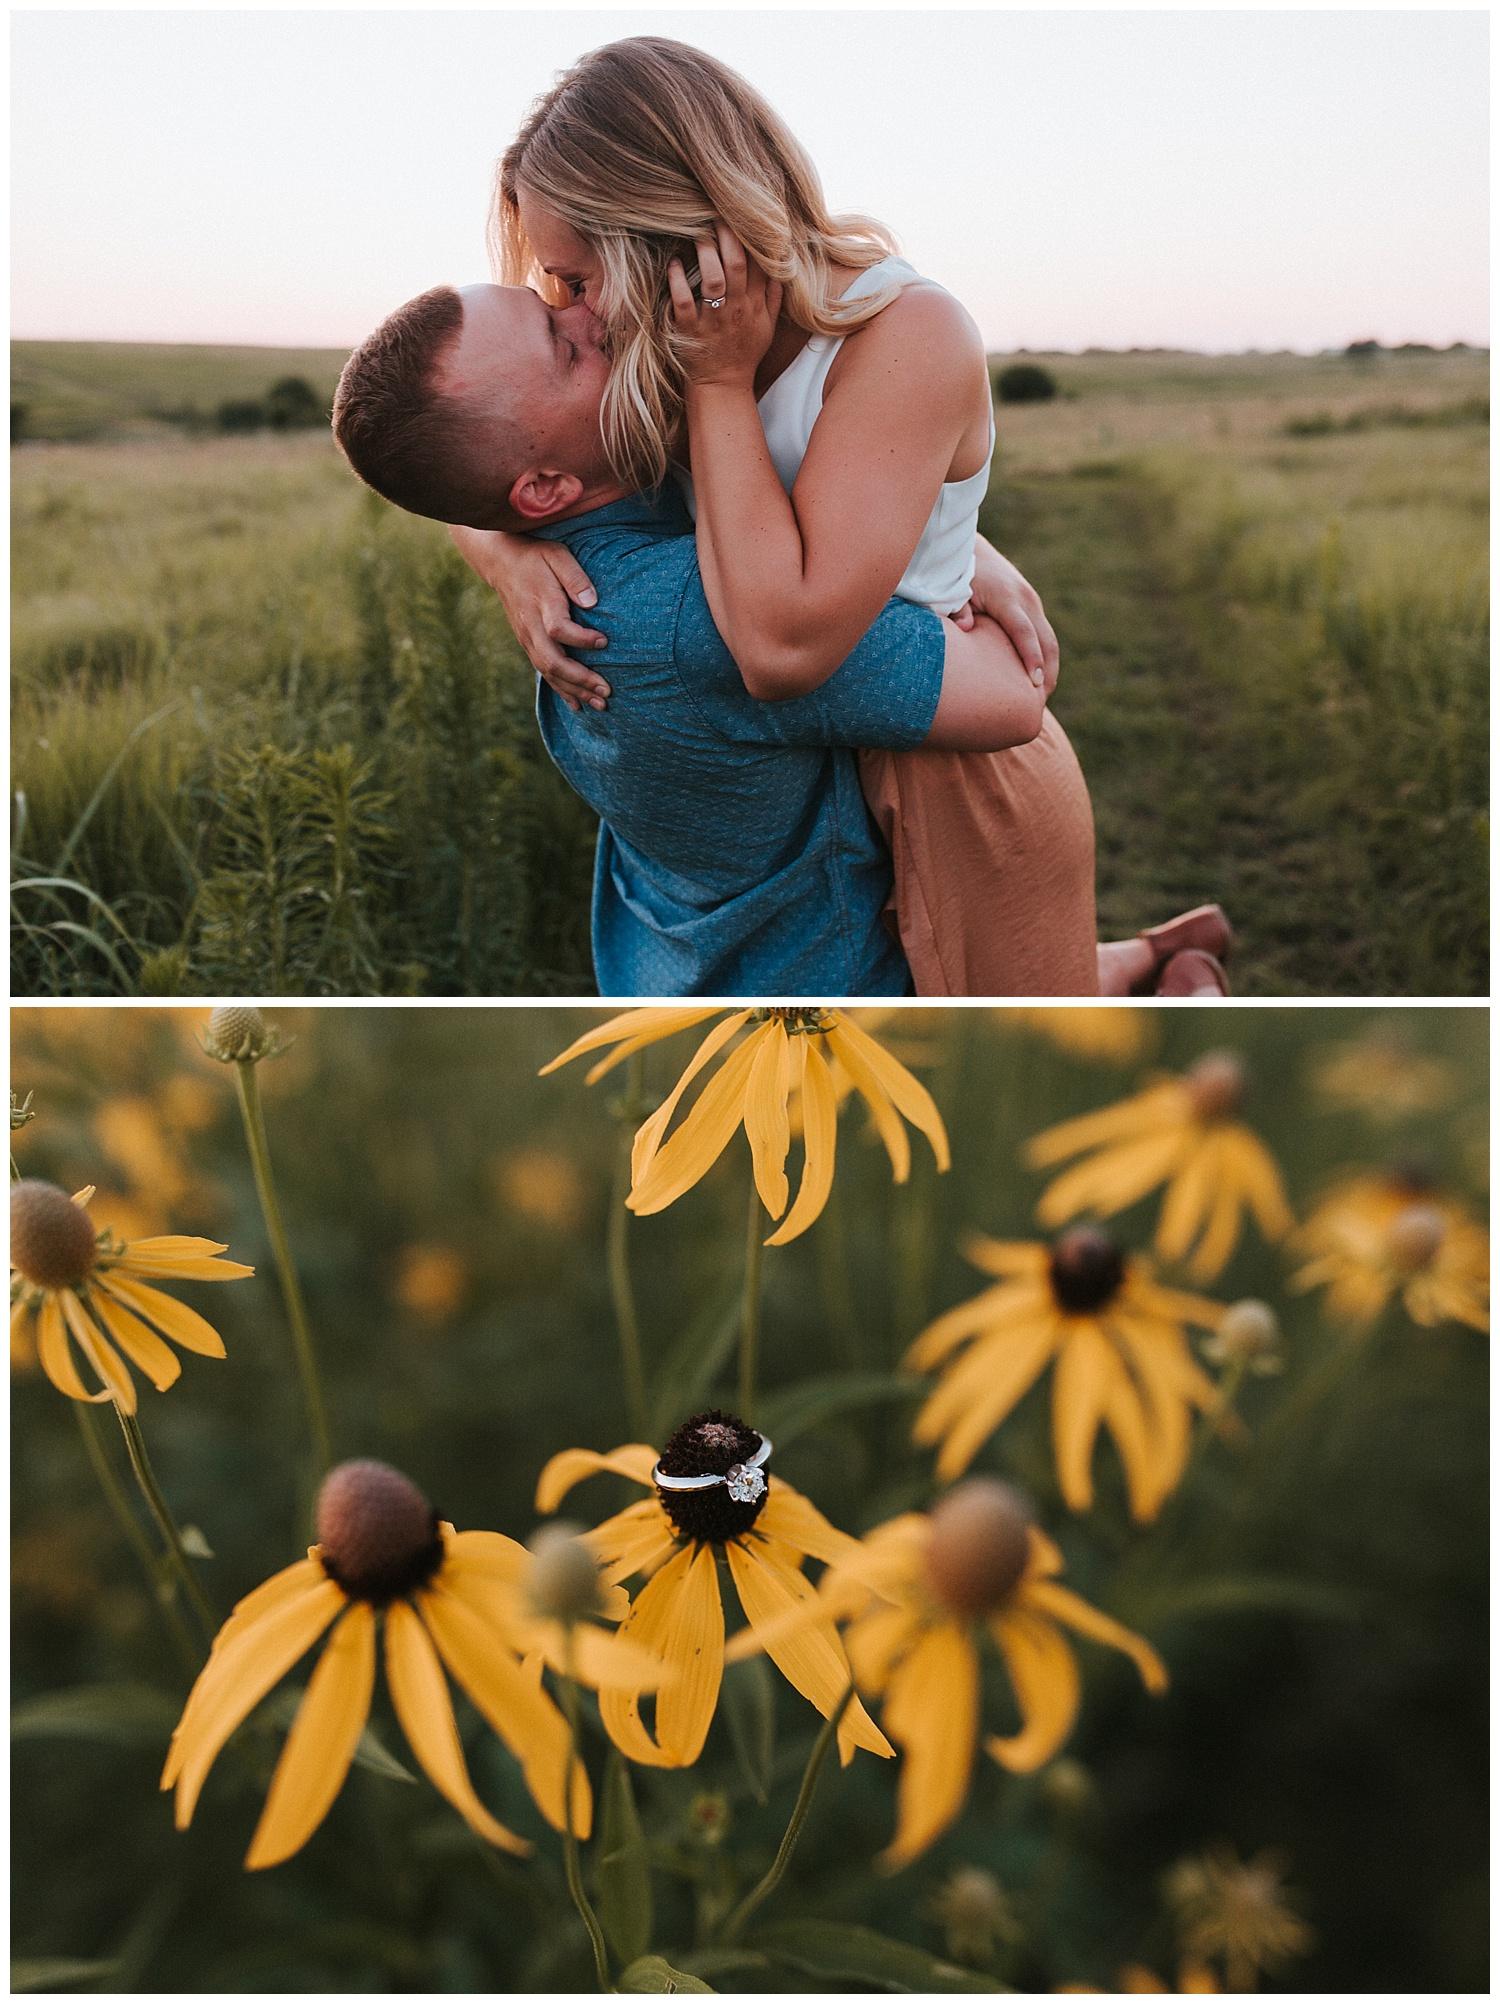 golden_hour_engagement_session_haley_chicoine_traveling_weddingphotographer_adventurouslovestories_love_engagement_nebraska_0060.jpg